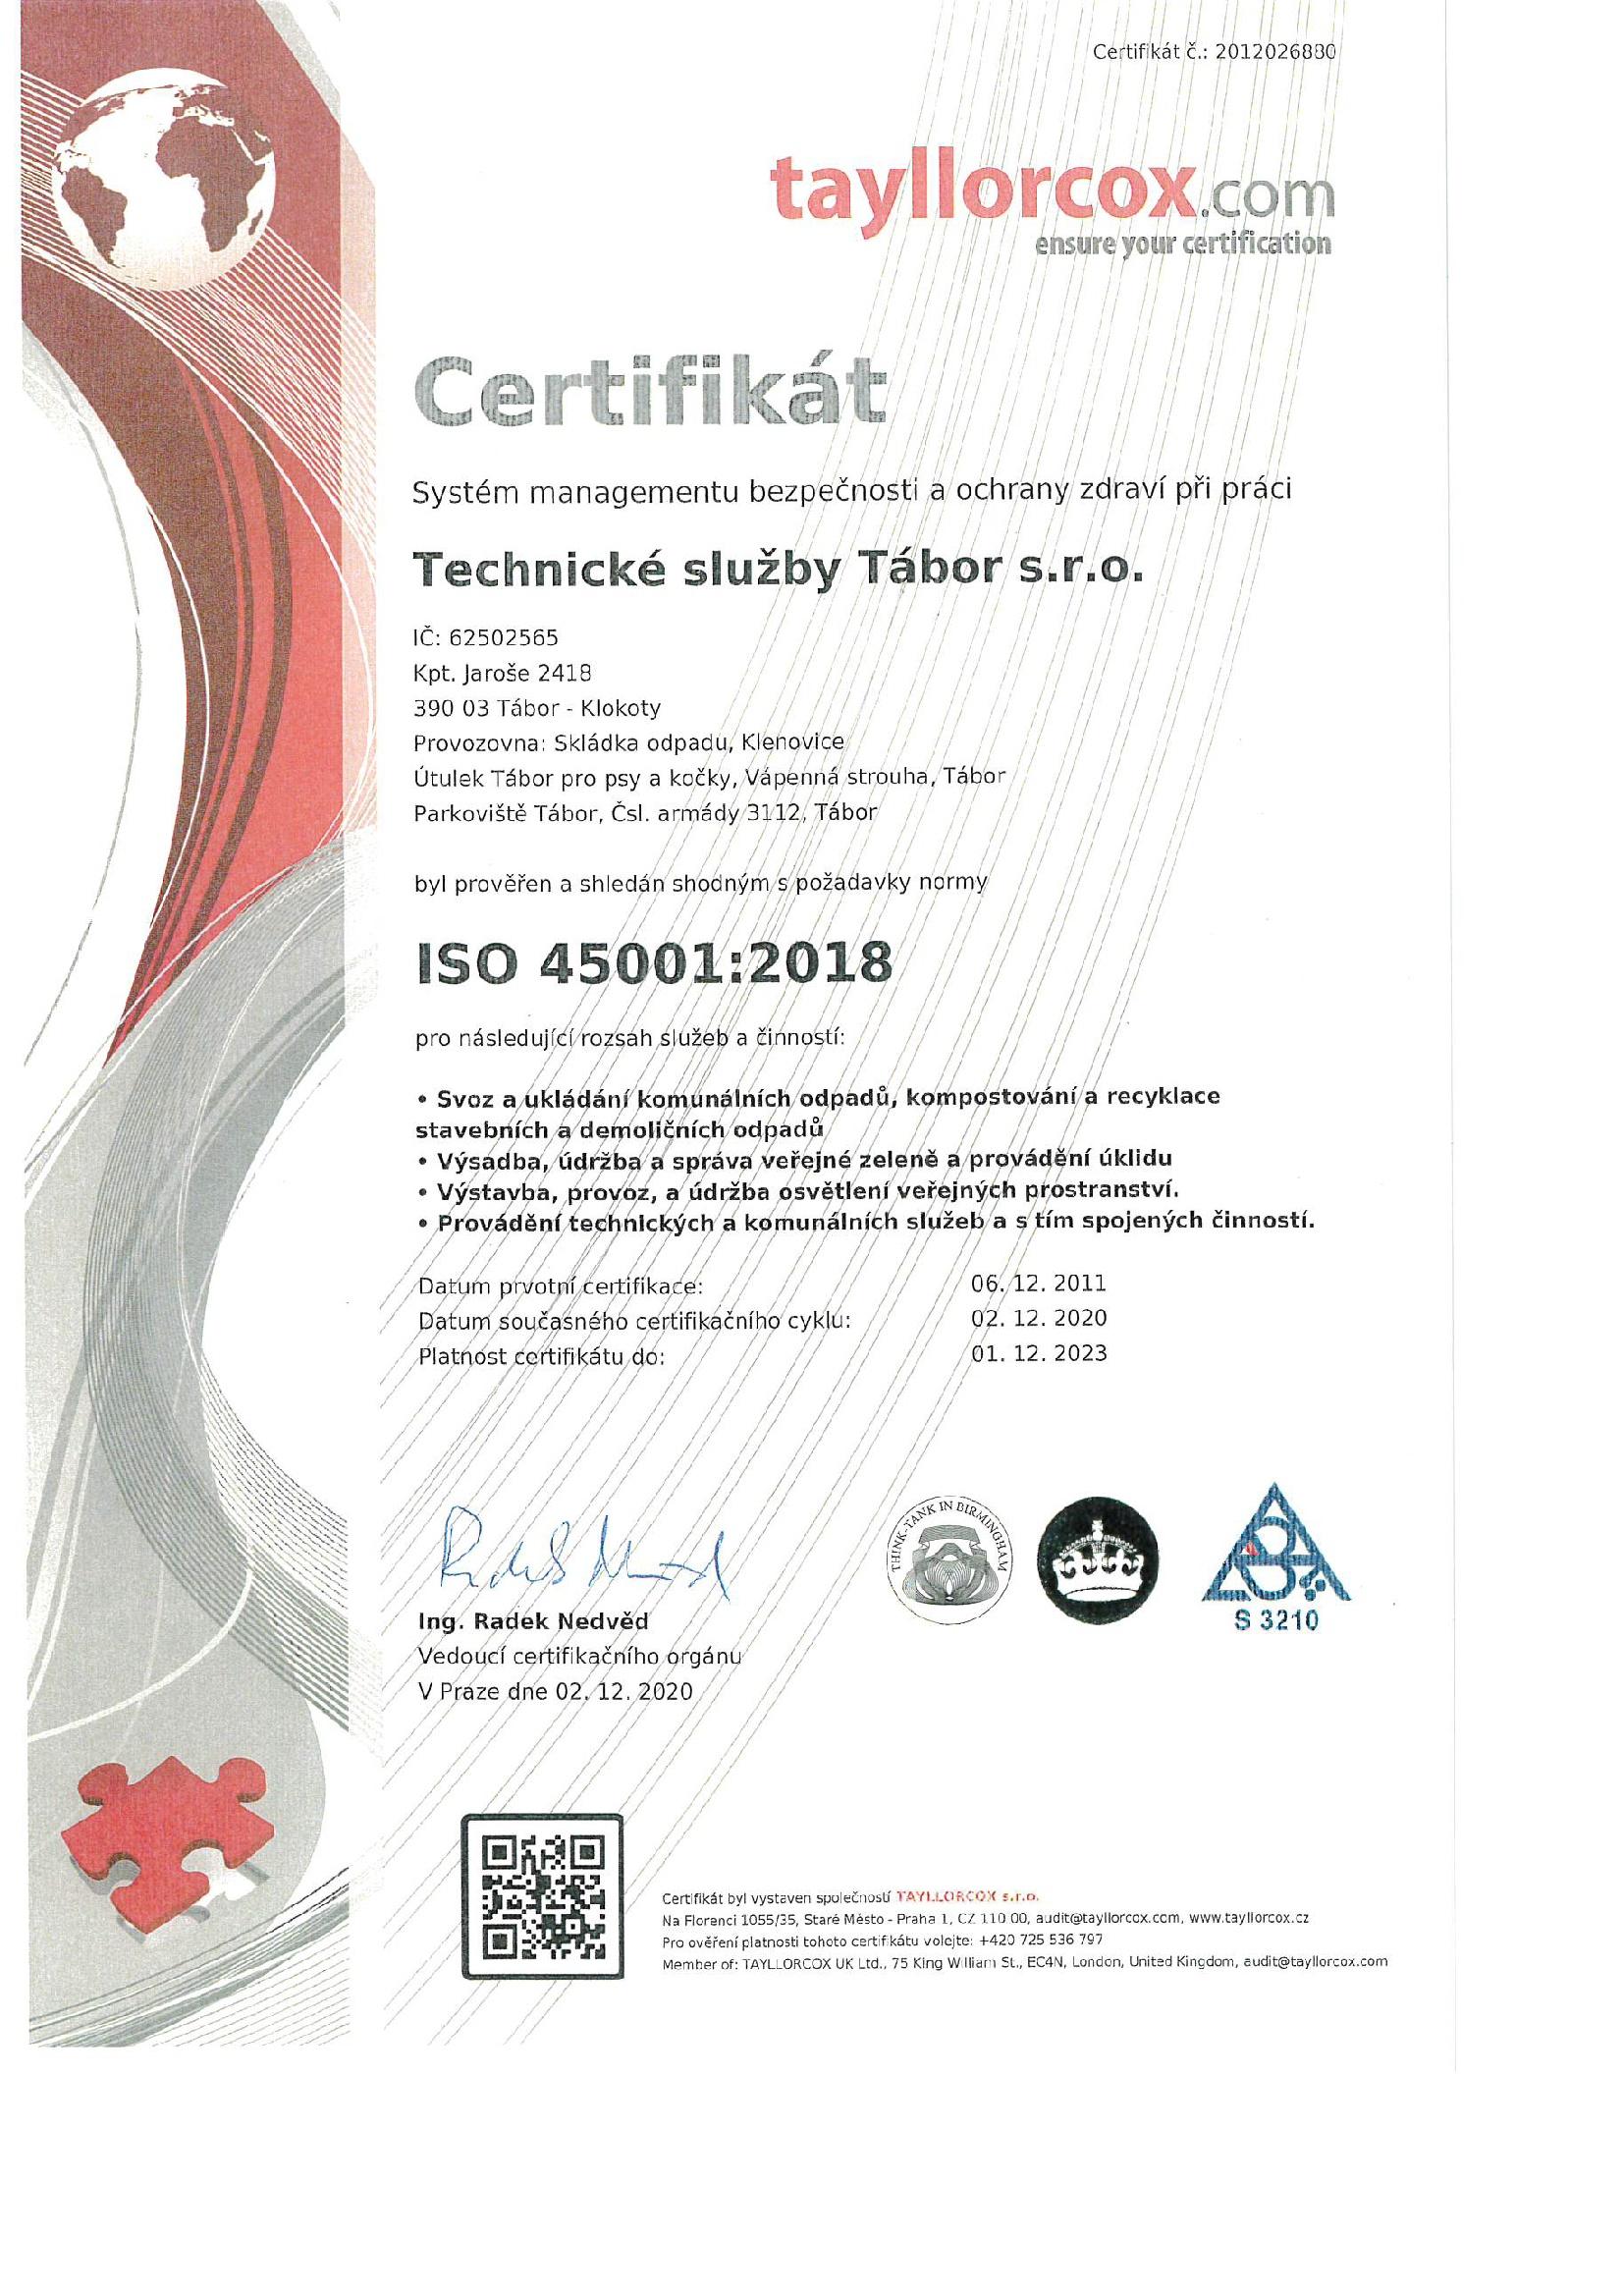 Certifikát Systém managementu bezpečnosti a ochrany zdraví při práci ISO 45001-2018